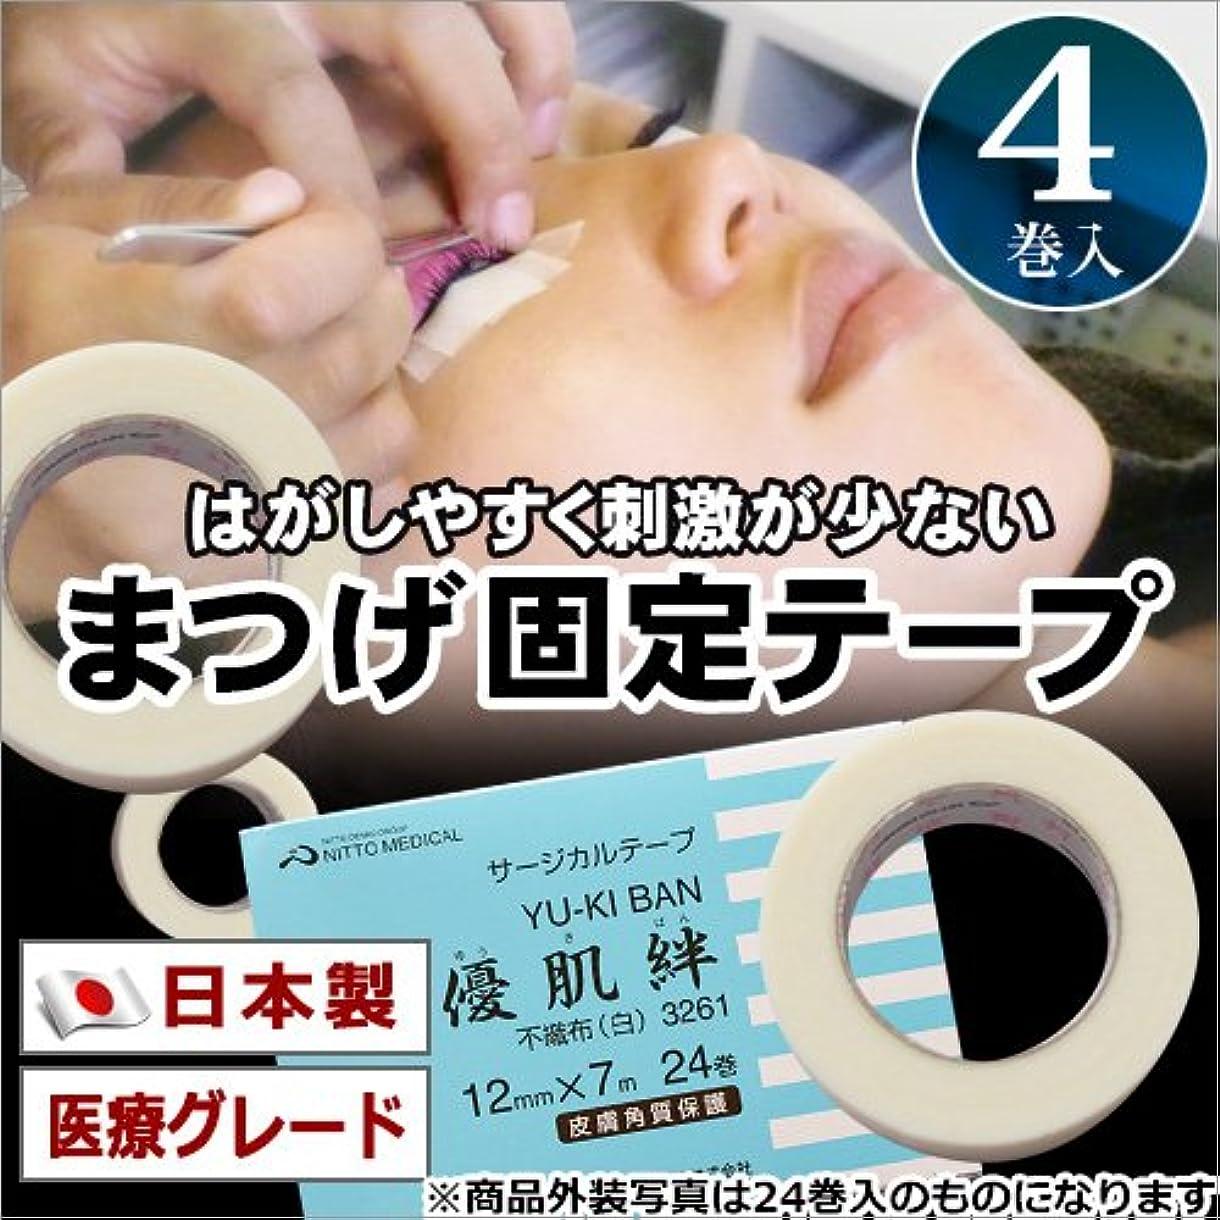 毛布油支店日本製 医療グレード アイラッシュテープ(まつげ固定テープ)4巻